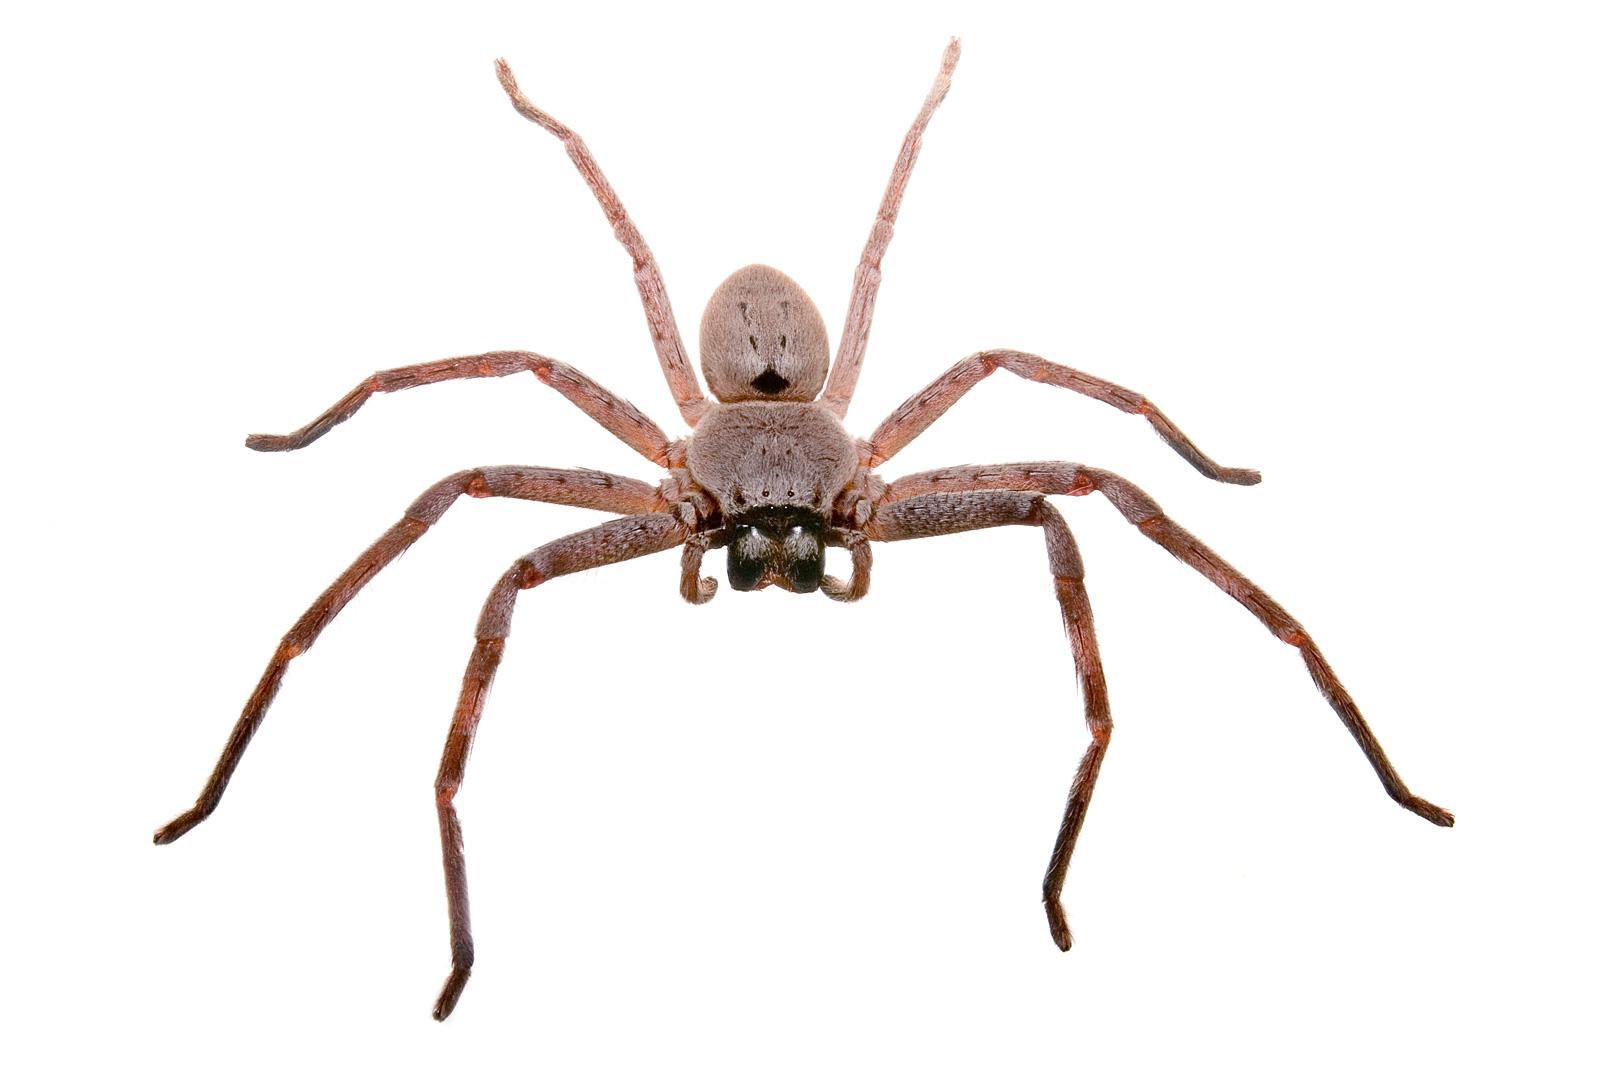 File:Huntsman spider white bg.jpg